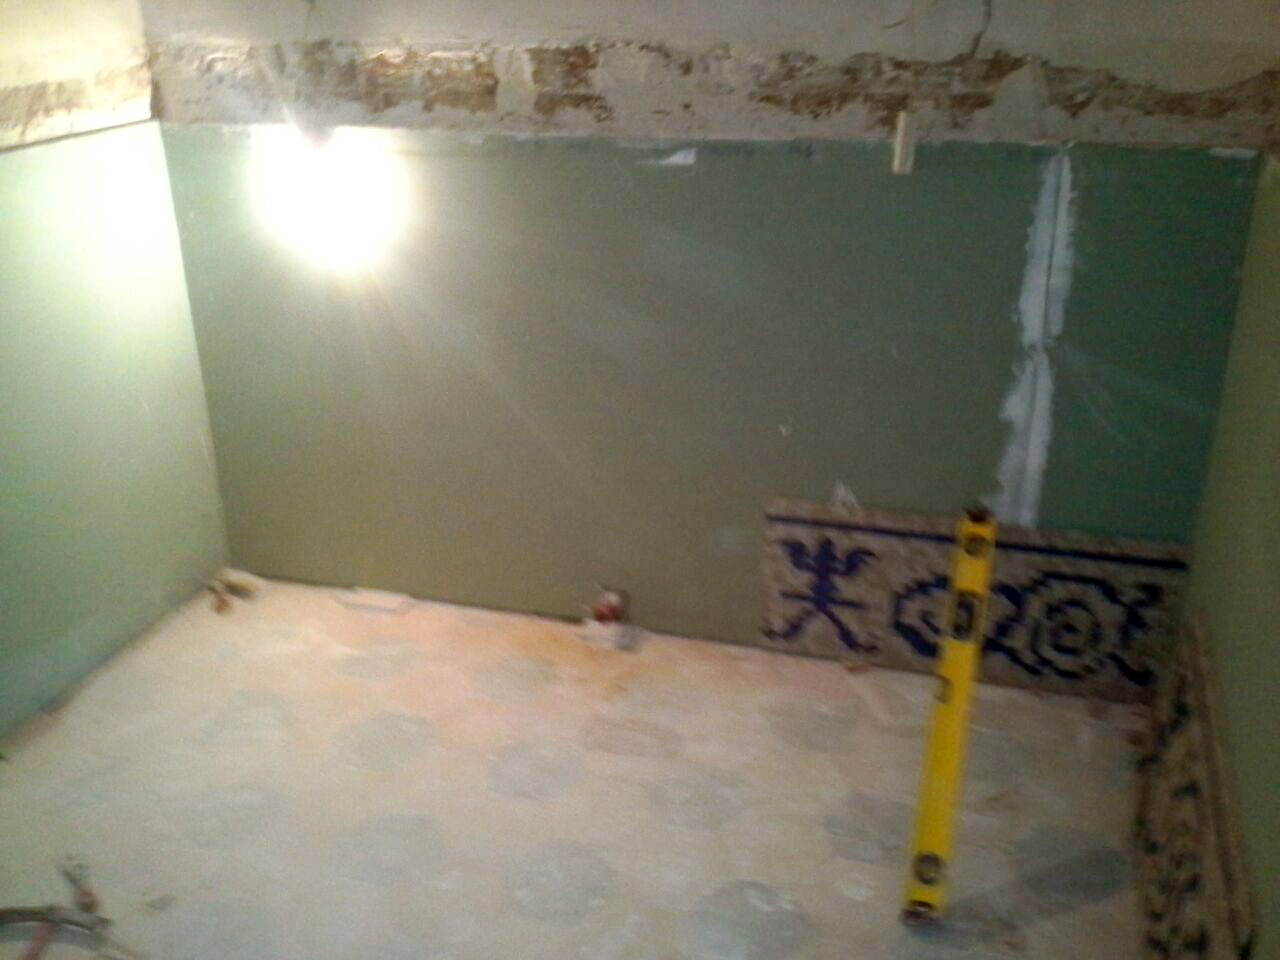 restauracion-de-pavimento-de-mosaico-romano-en-pared